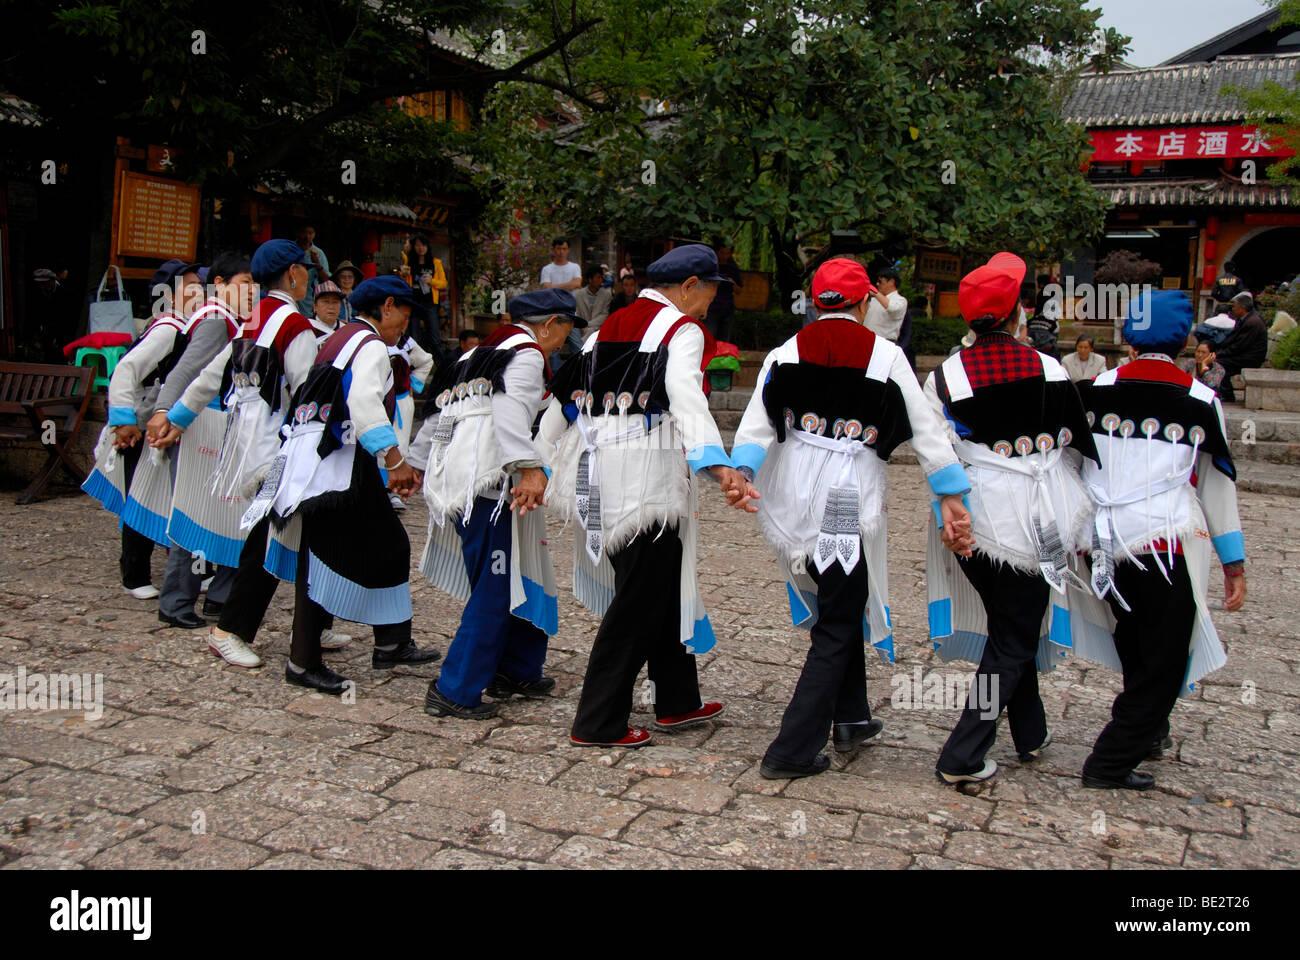 Tanz der Marktfrauen, Anthropologie, Frauen der ethnischen Gruppe der Naxi in traditioneller Tracht auf dem alten Stockbild